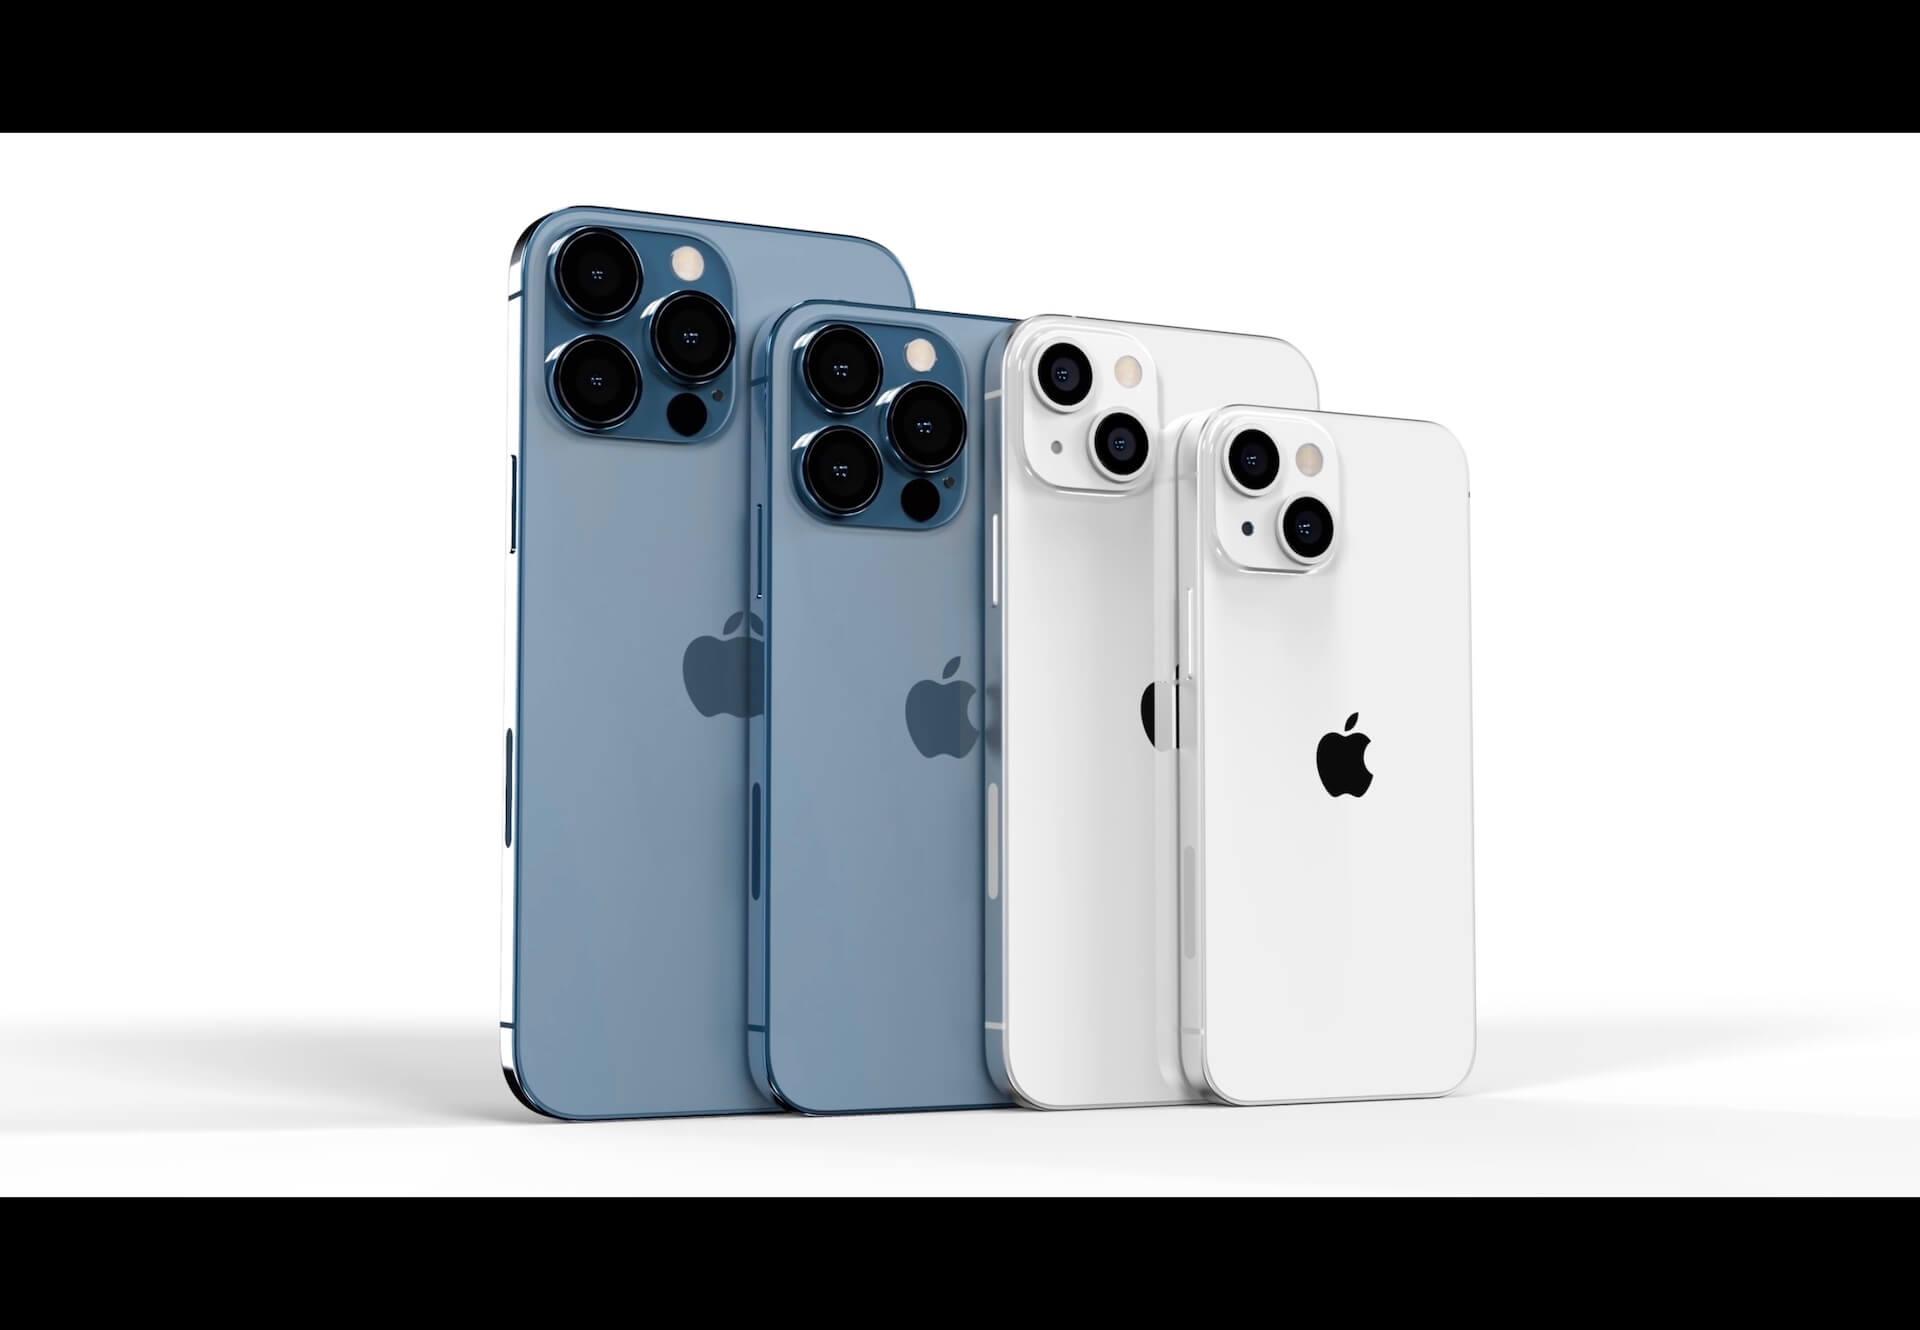 iPhone 13シリーズすべてにセンサーシフト光学式手ぶれ補正機能が搭載か? tech210528_iphone13_main